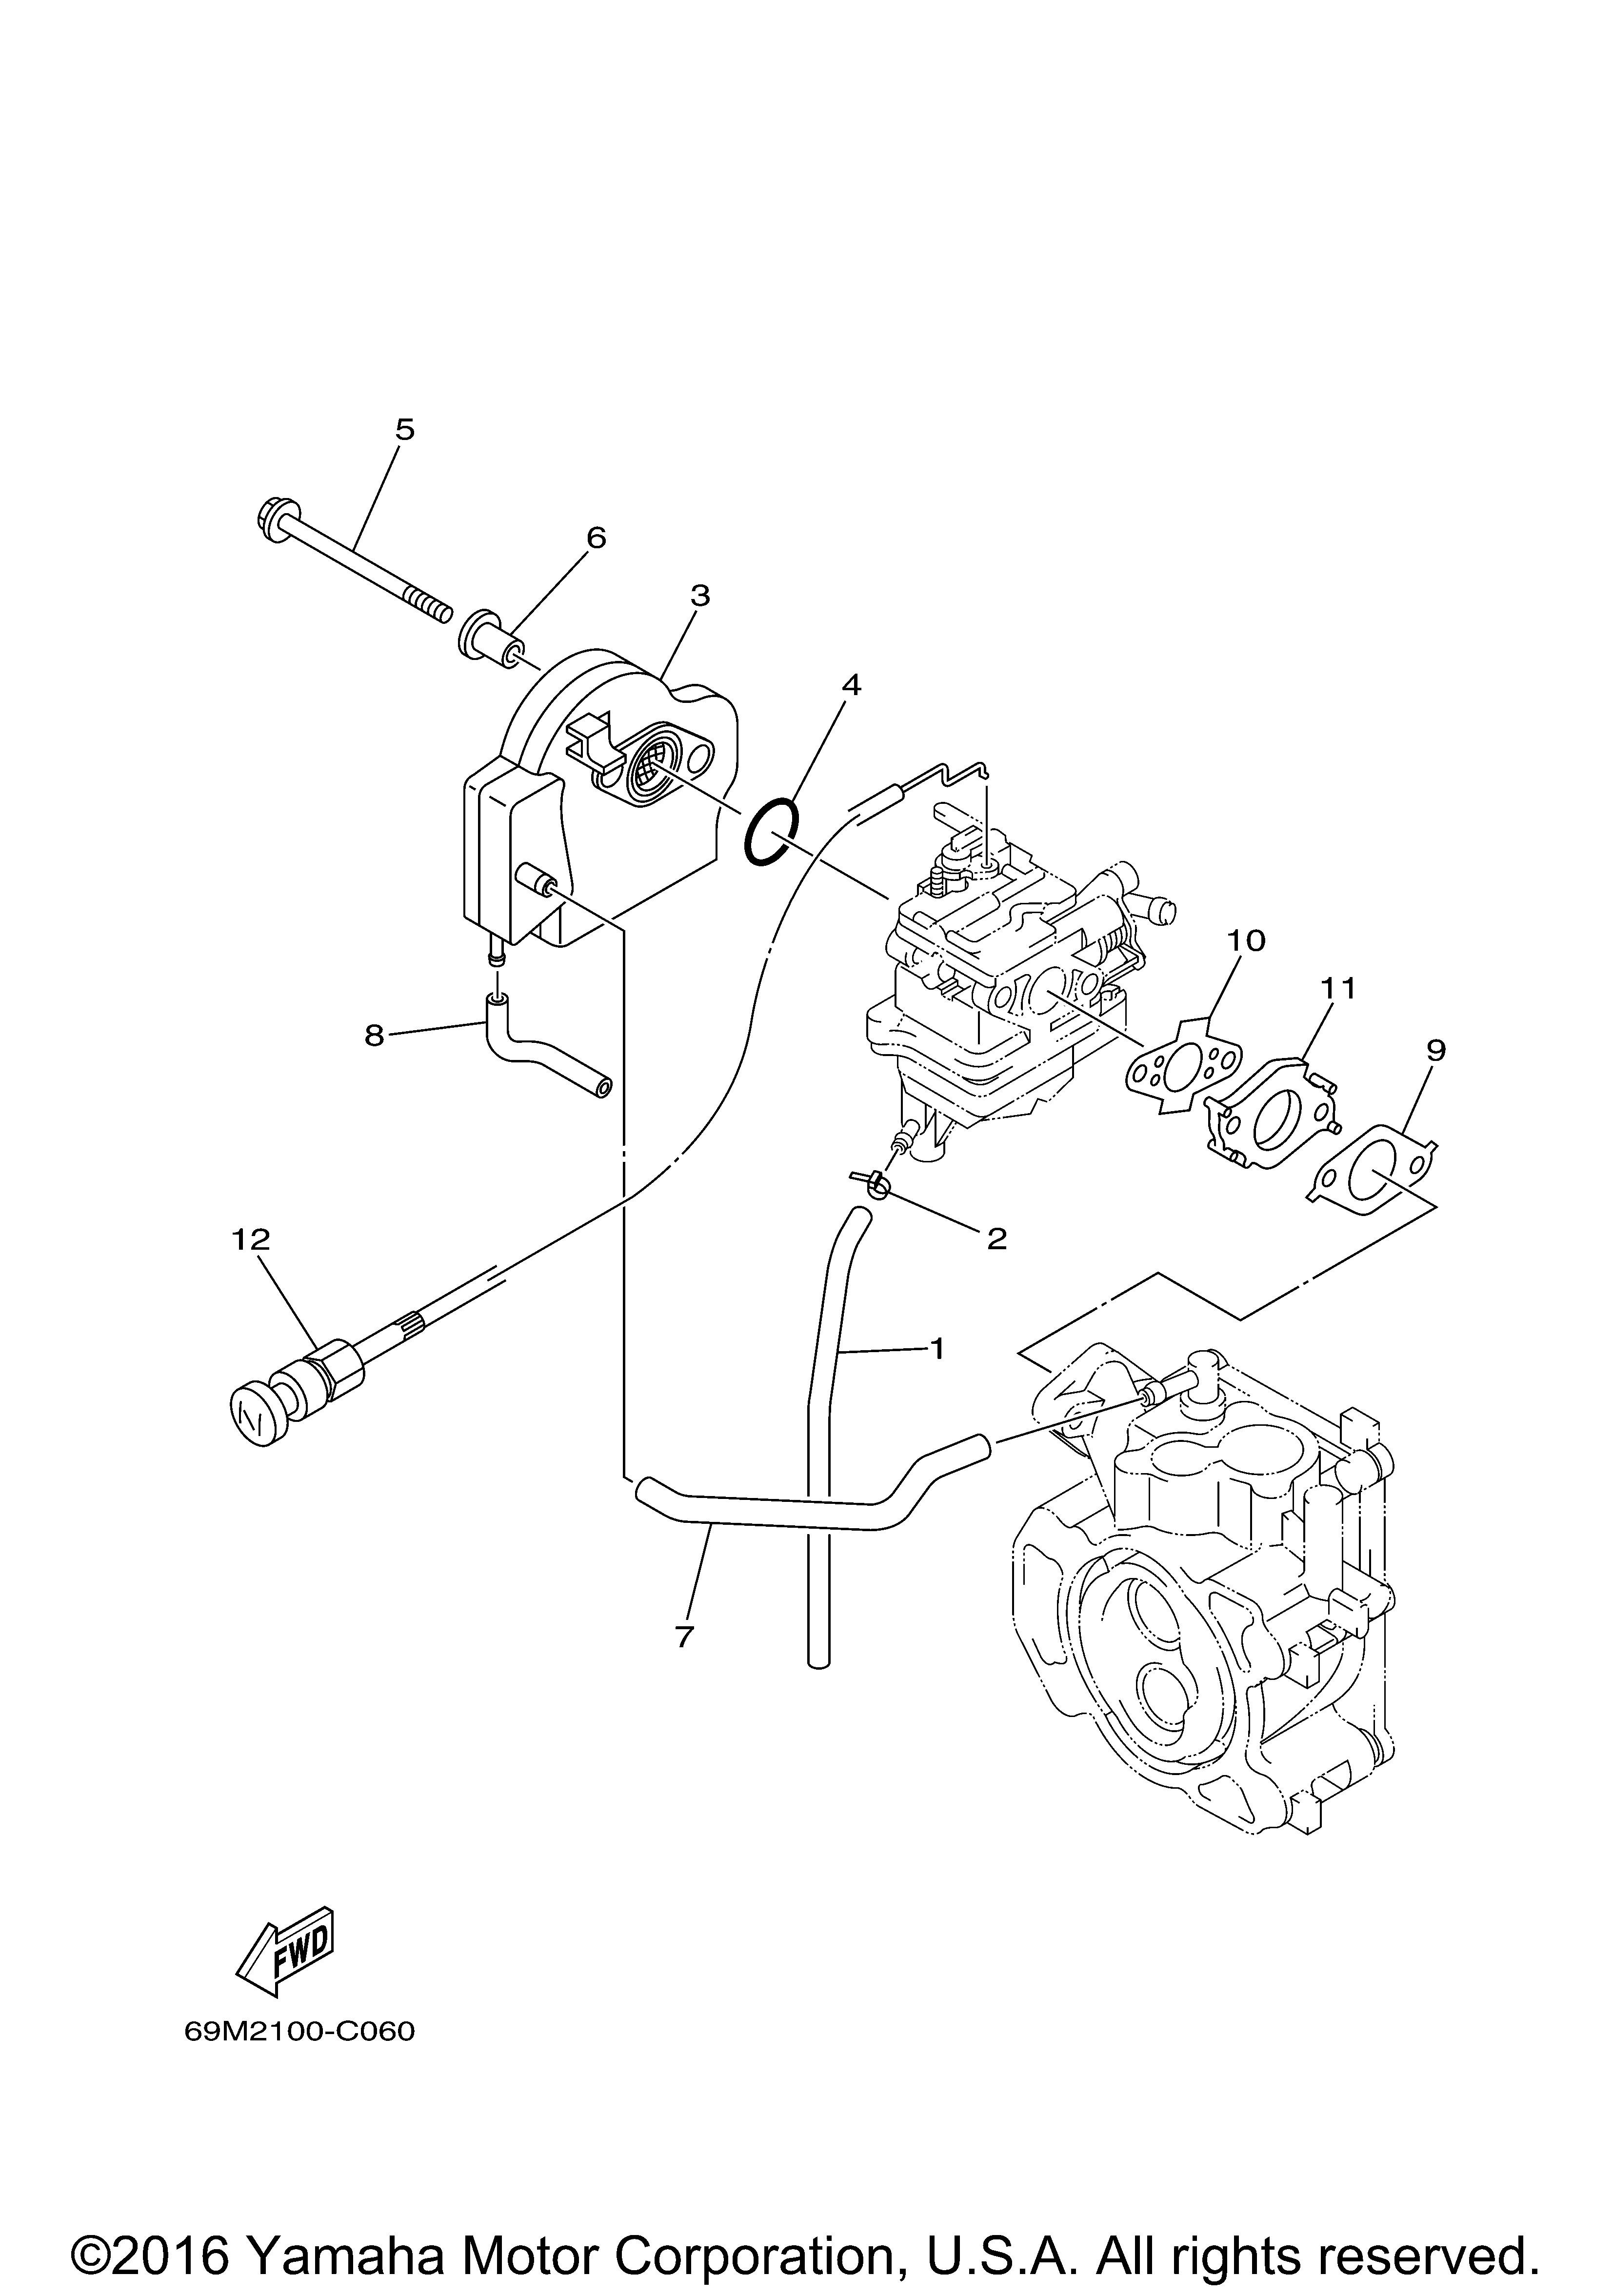 Yamaha OEM Part 69M-F6330-02-00